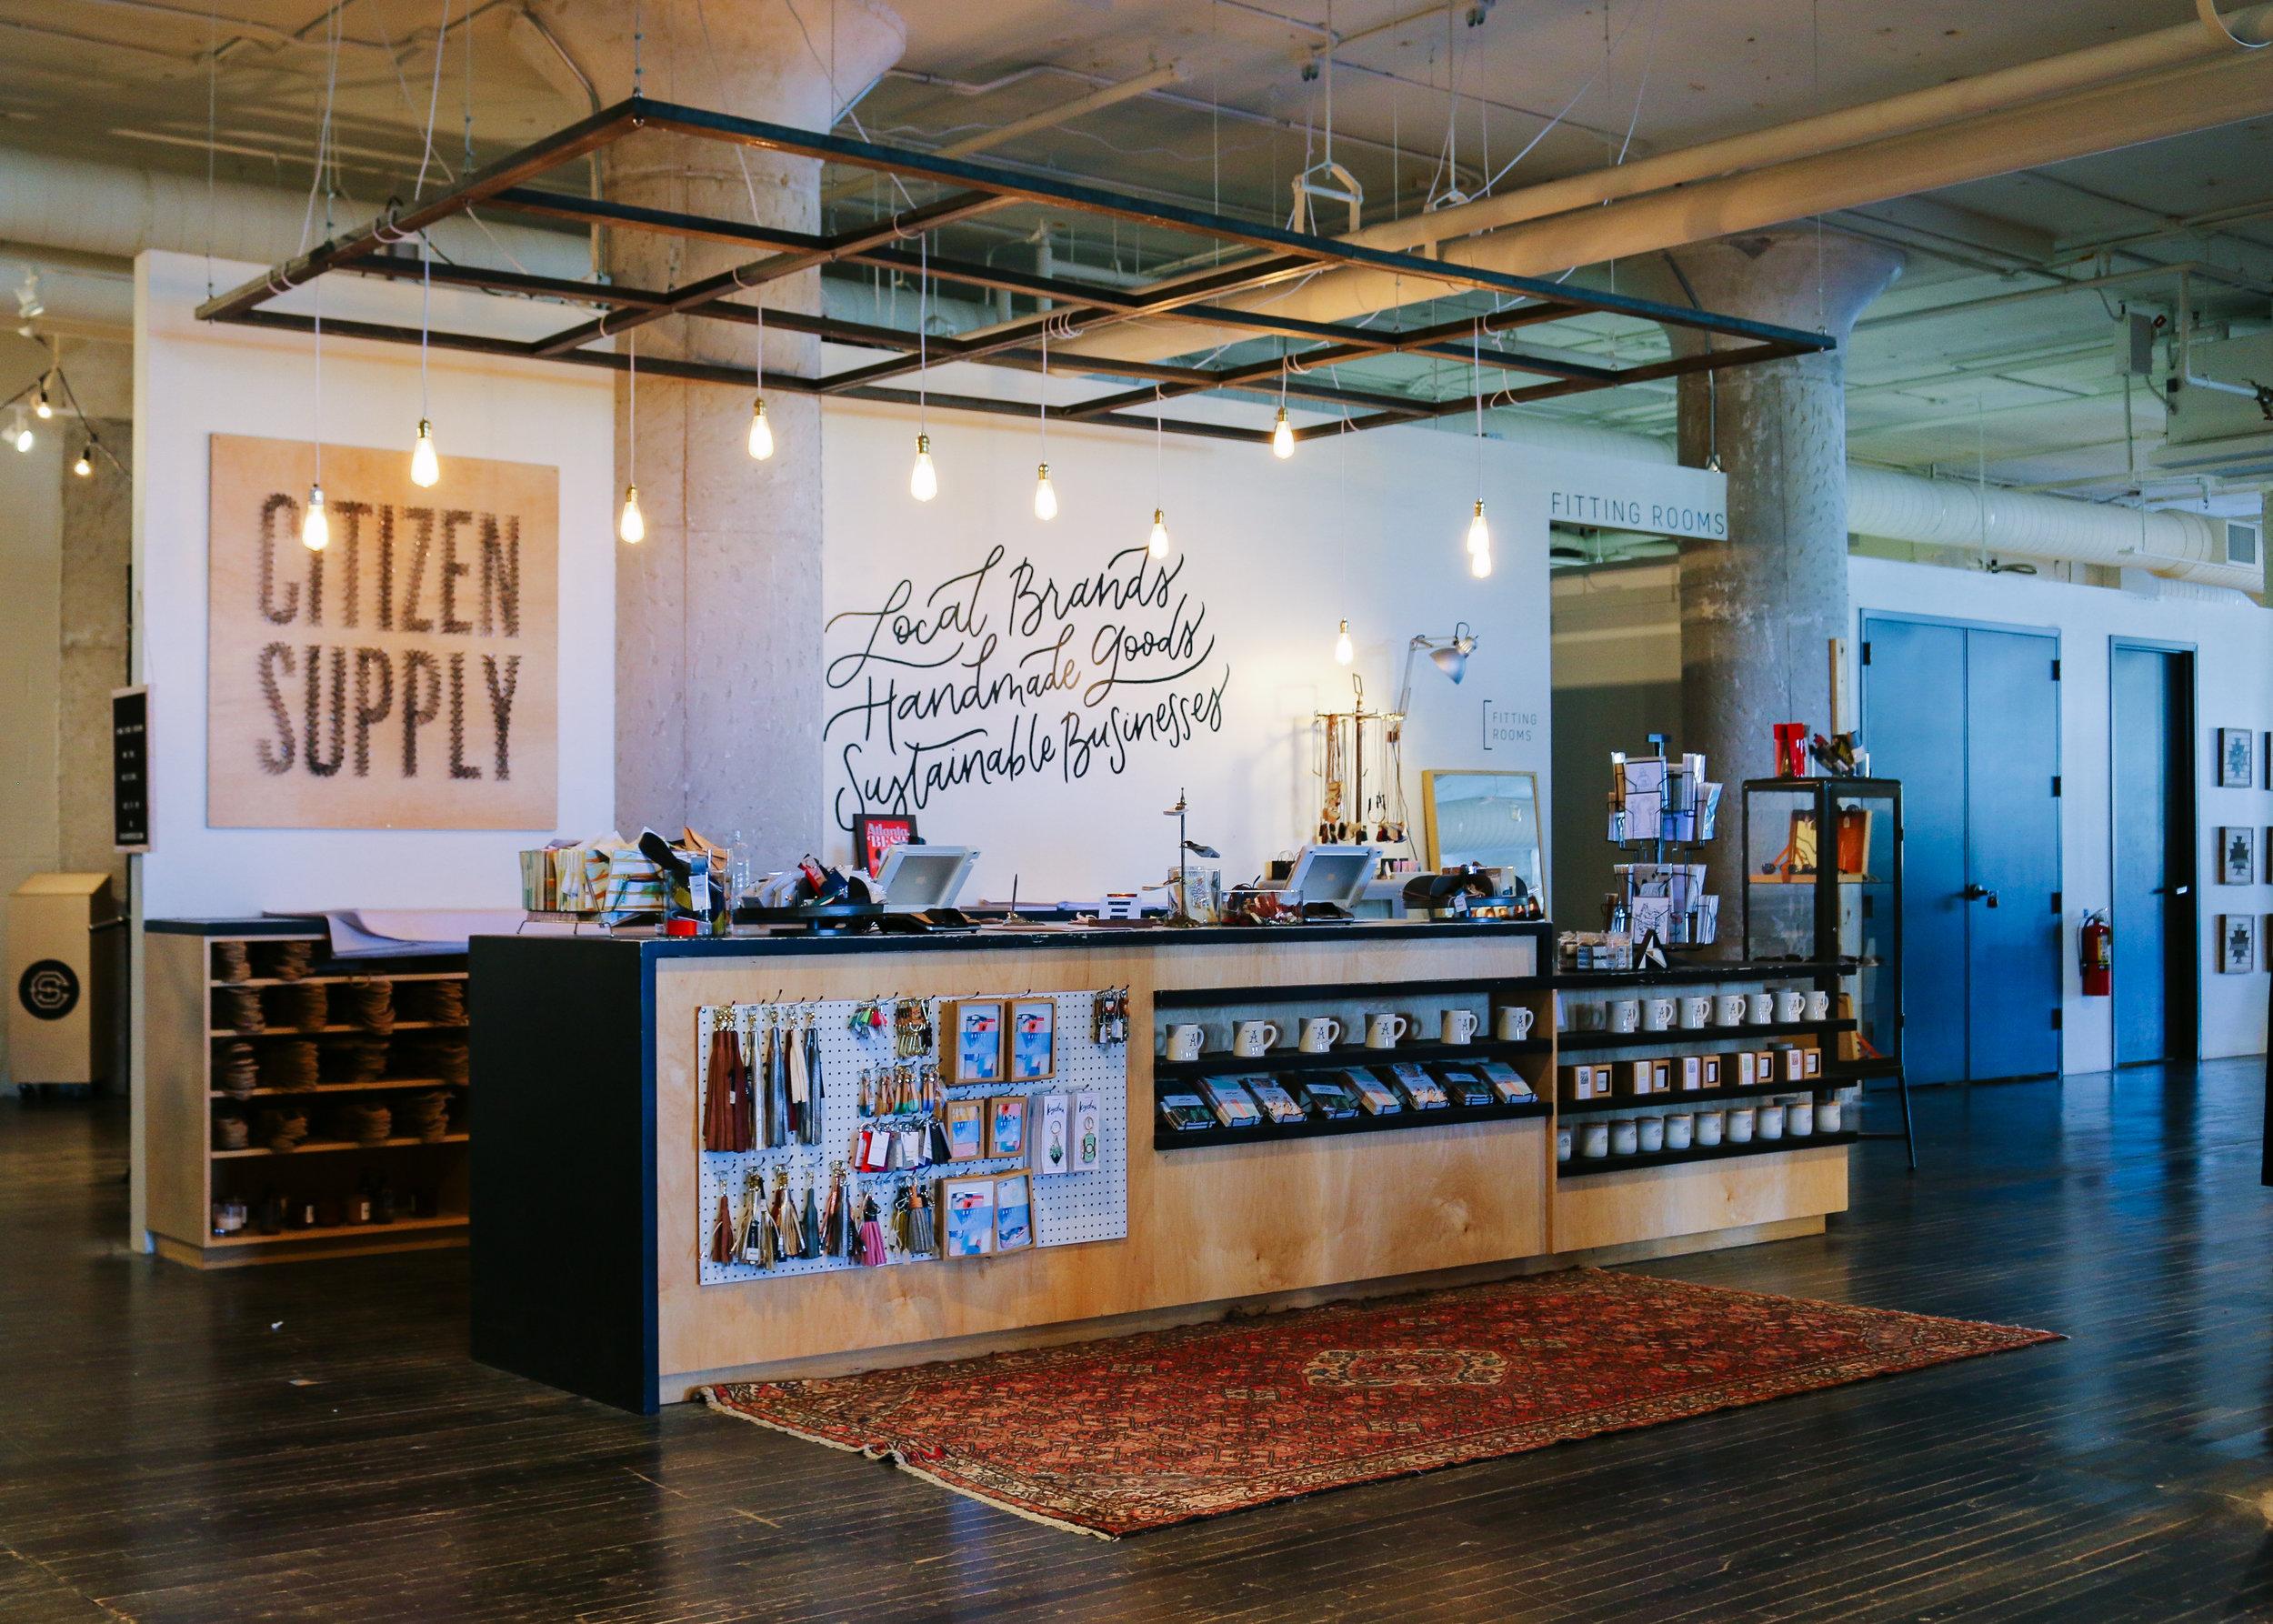 Citizen Supply